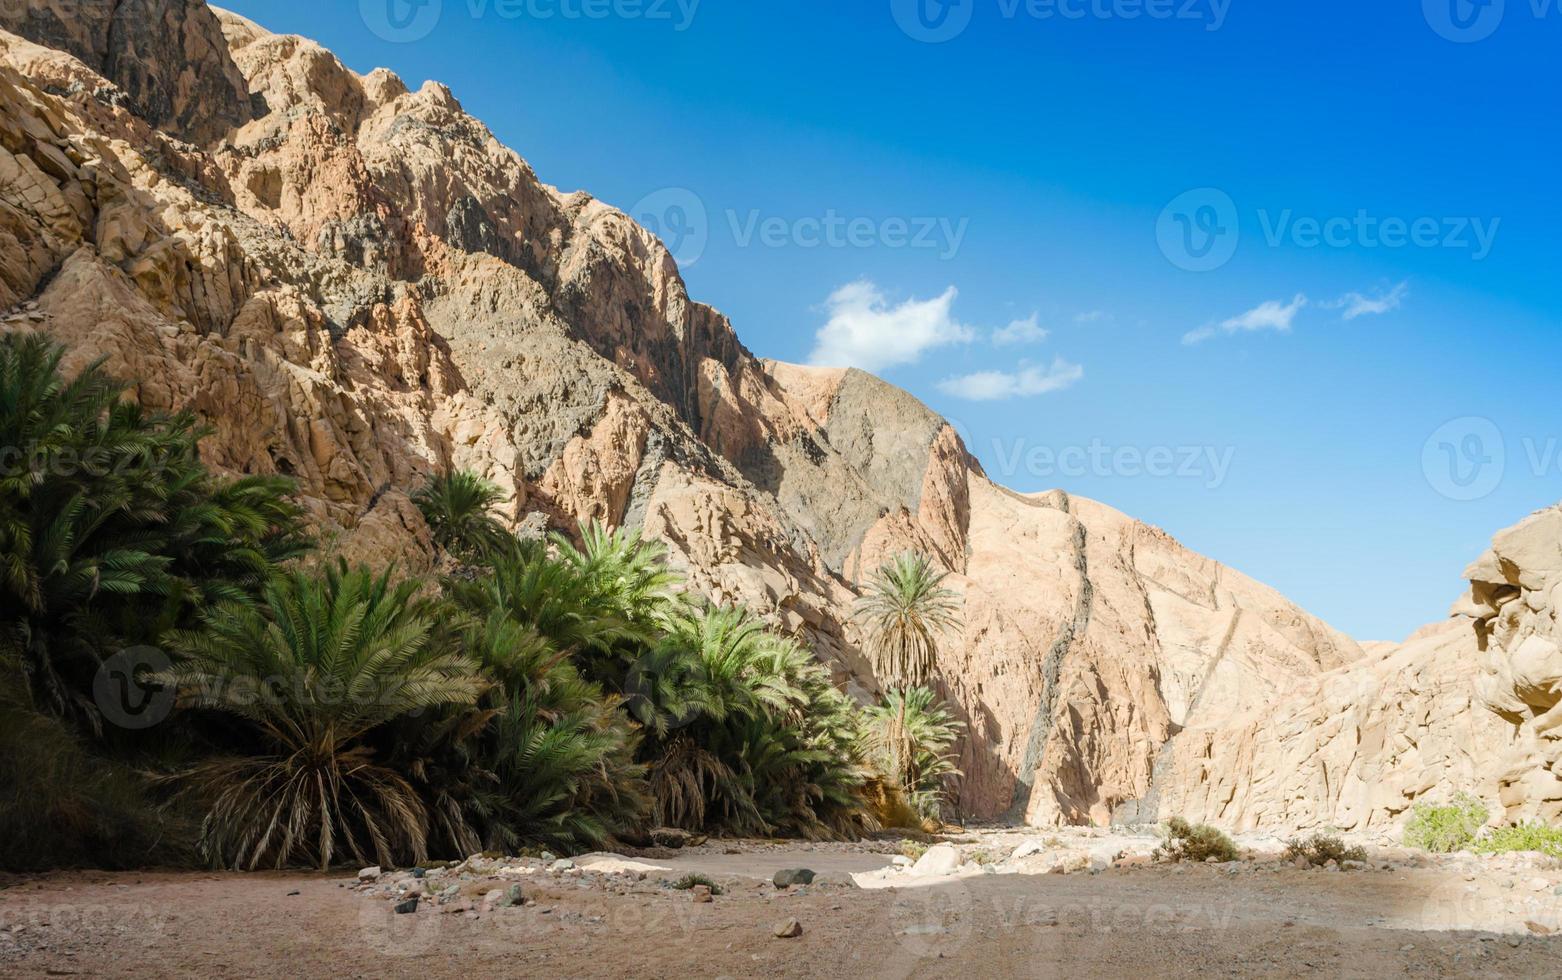 palmbomen en struiken langs de muur van een kloof foto